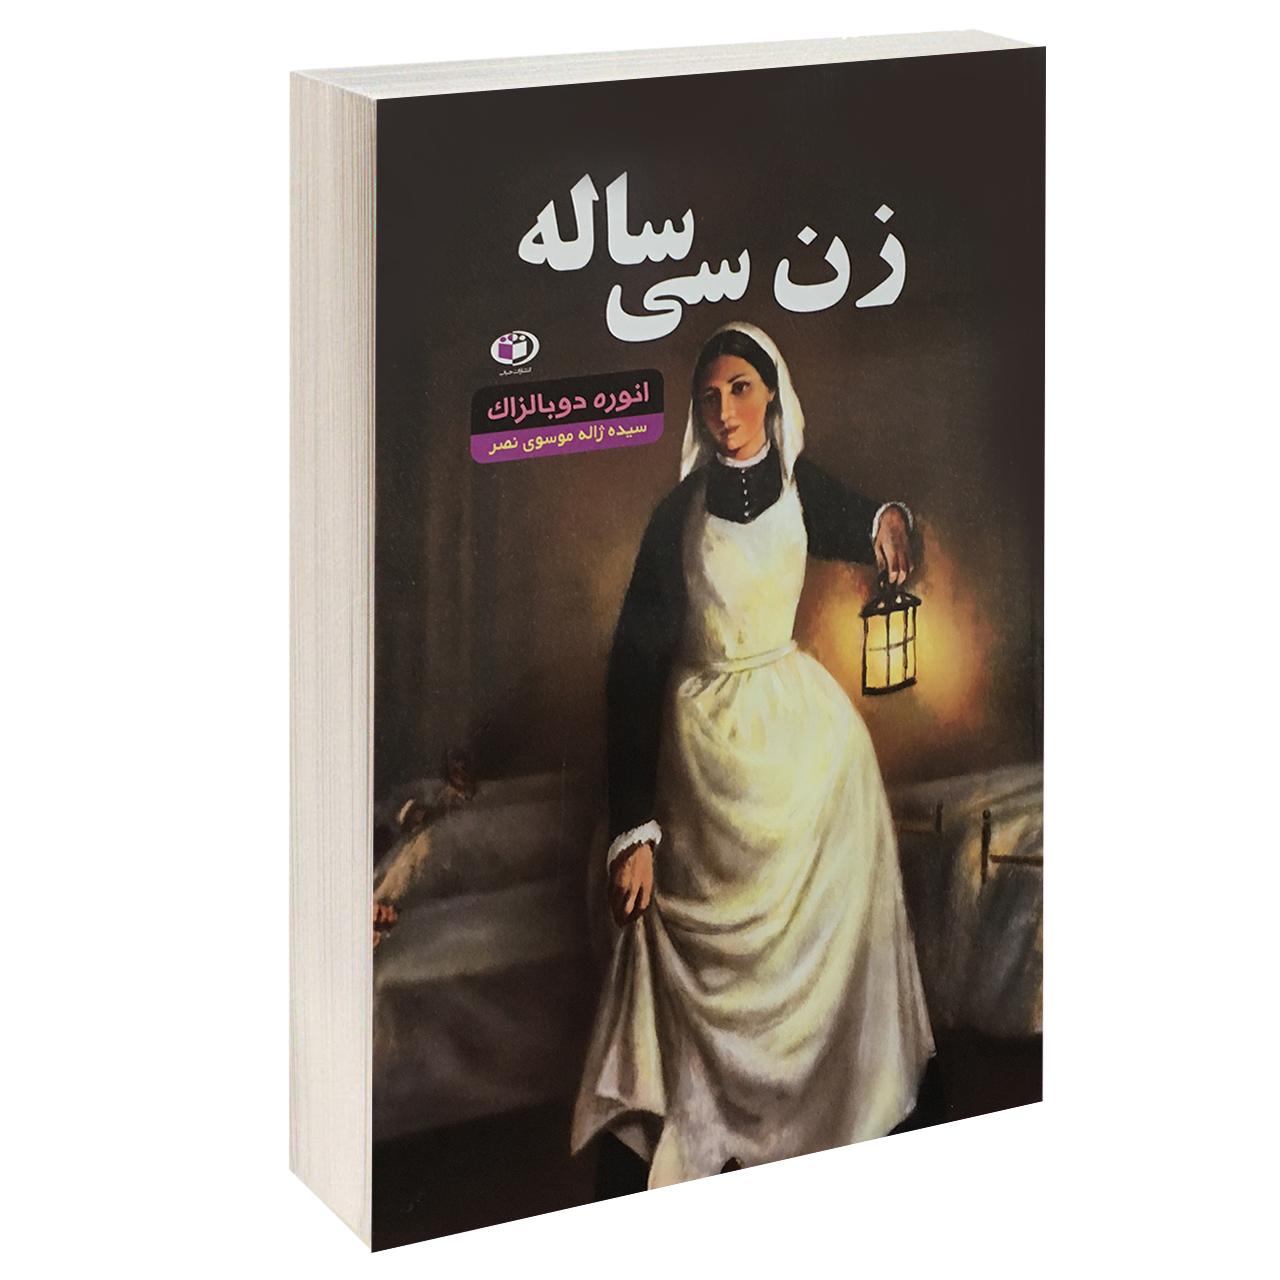 خرید                      کتاب زن سی ساله اثر انوره دوبالزاک انتشارات حباب